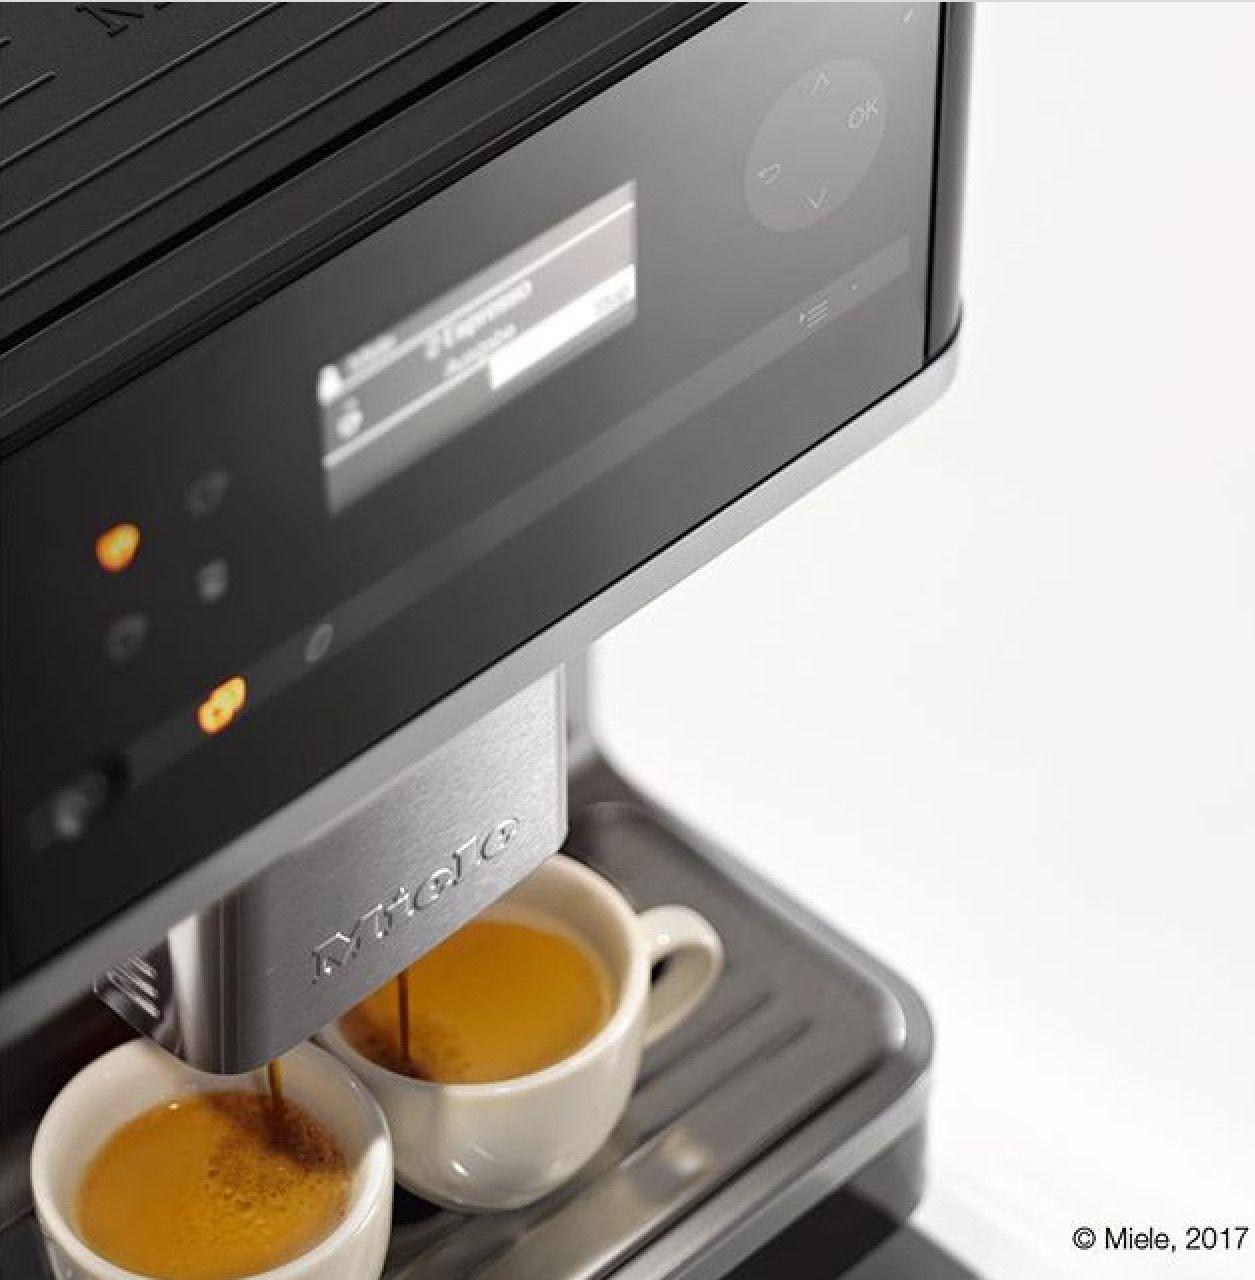 Il venerdì è più facile se affrontato con un buon caffè. Buongiorno ☀️  #miele #elettrodomestici #showroom #rossimobili #botticino